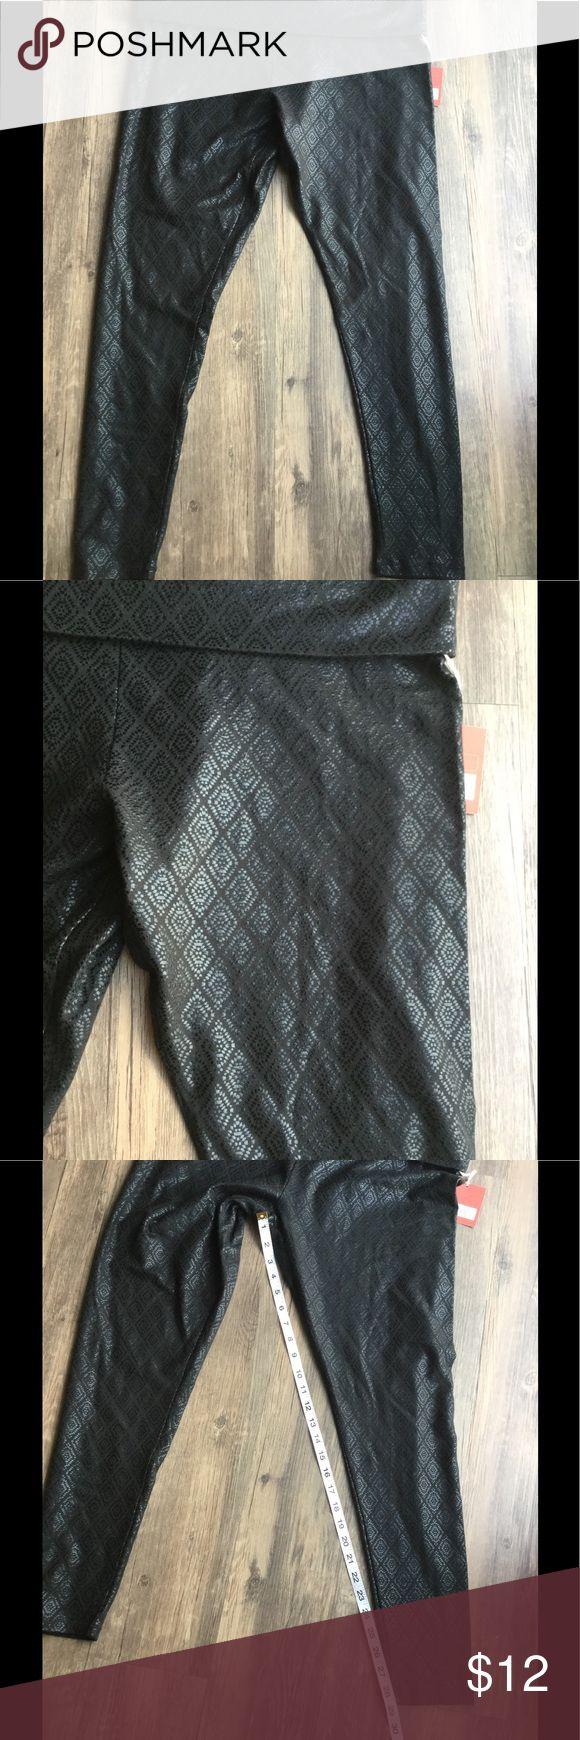 Black pattern fold over yoga pants Tone on tone pattern Pants Leggings